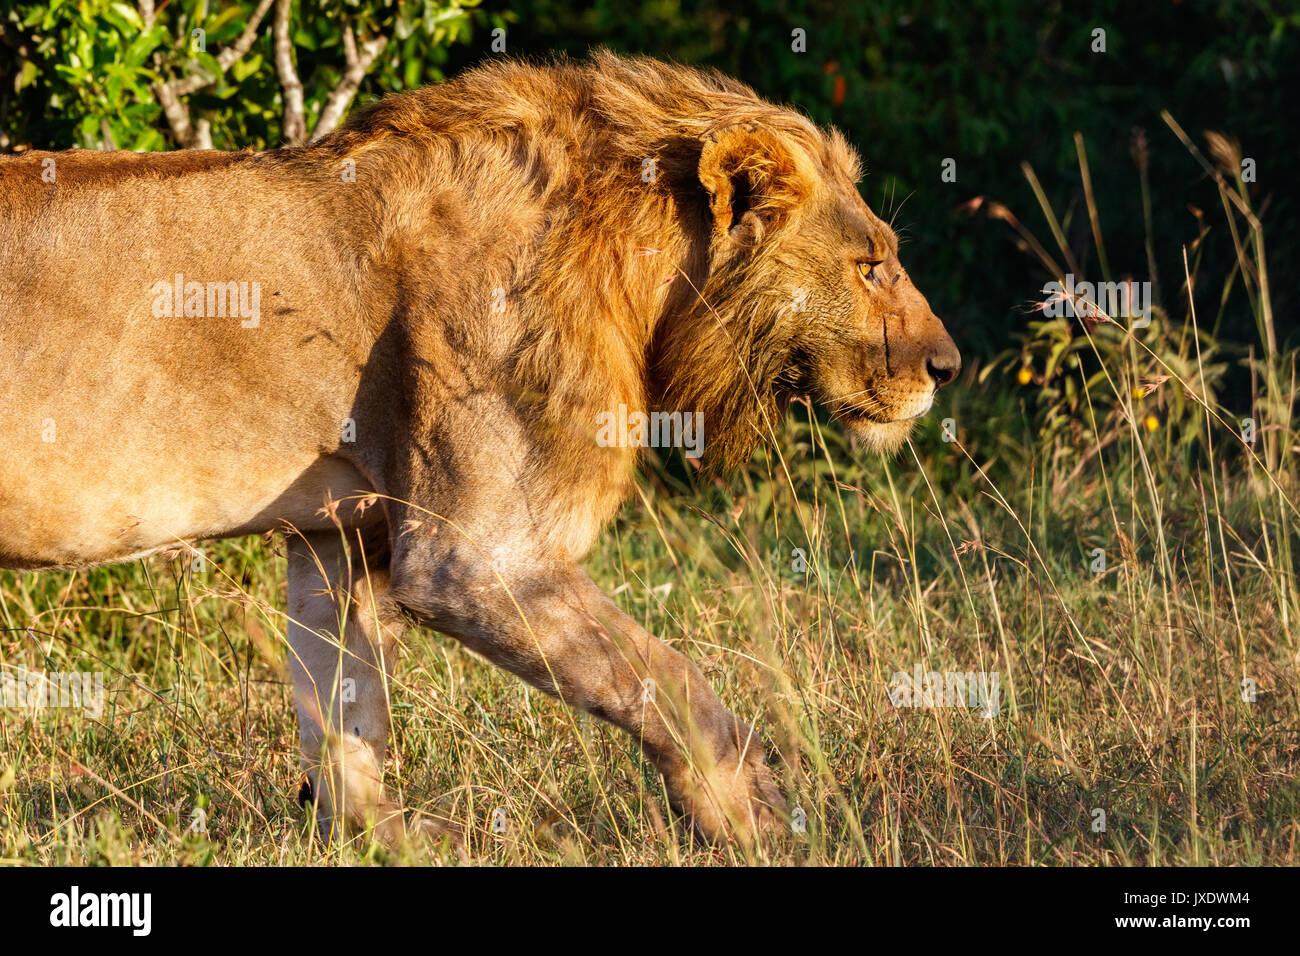 Männliche Löwe im Gras schleichen Stockbild